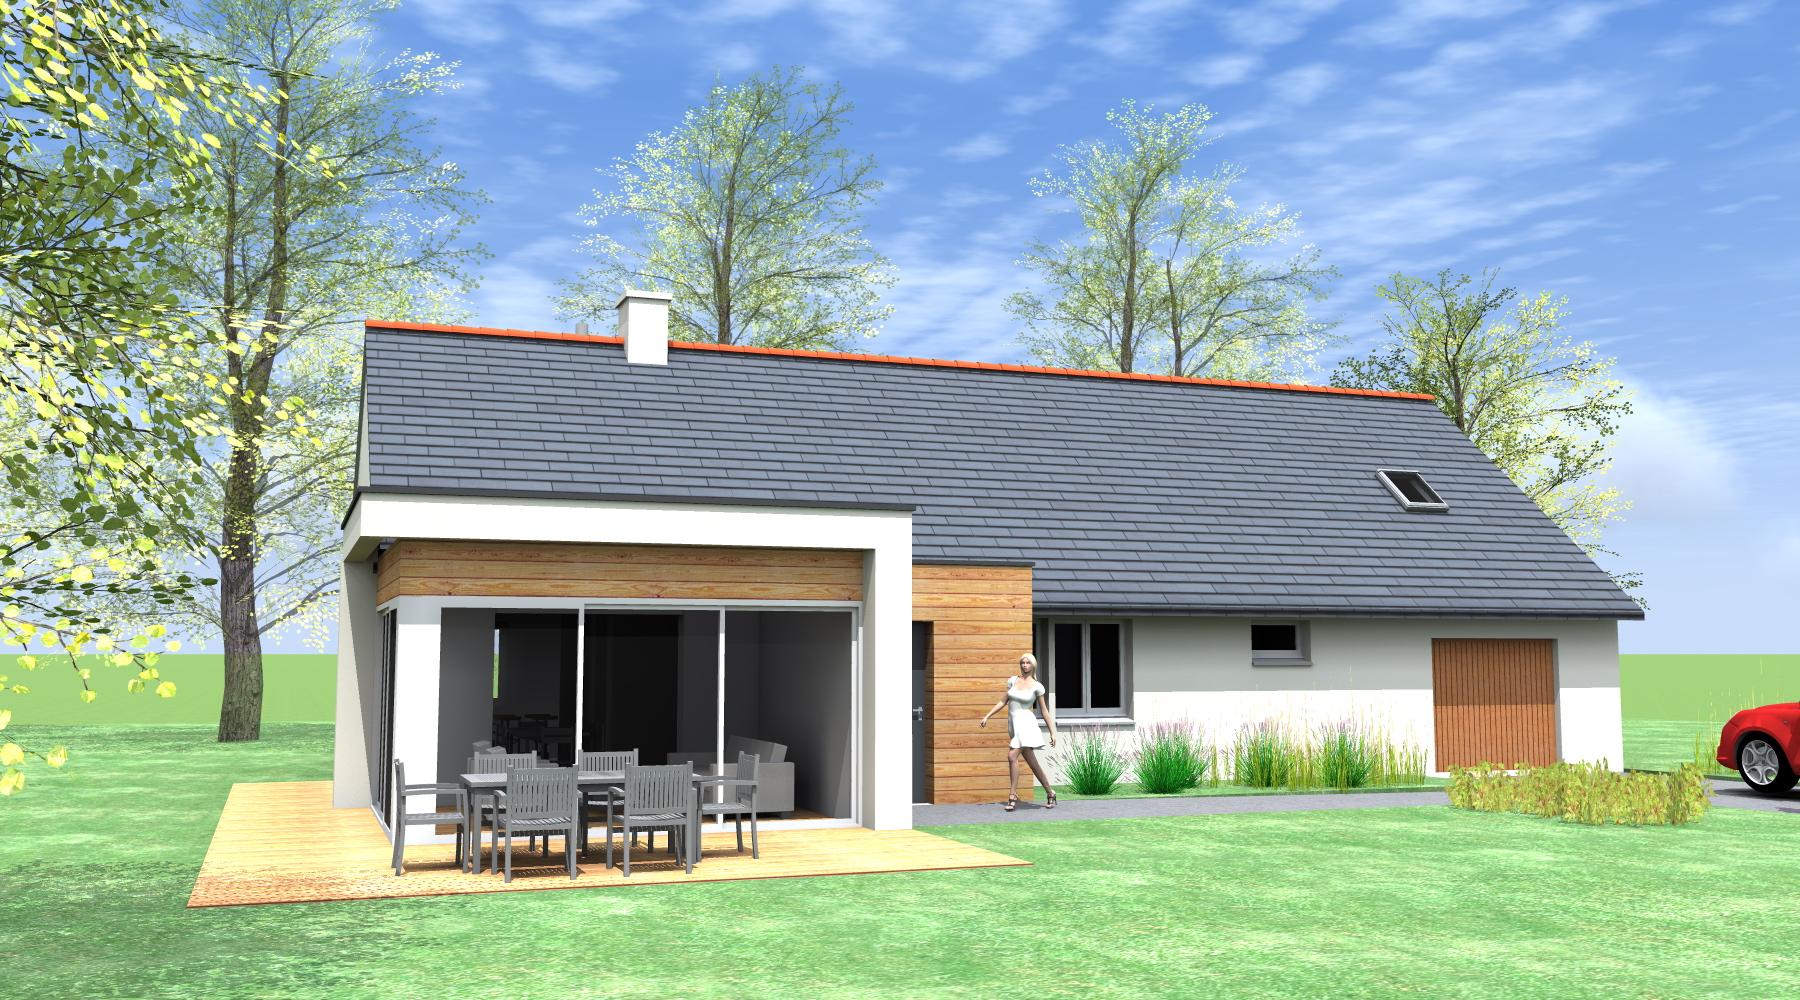 Projet q b 2 2 vues architecte ma tre d 39 oeuvre for Agrandissement maison rennes